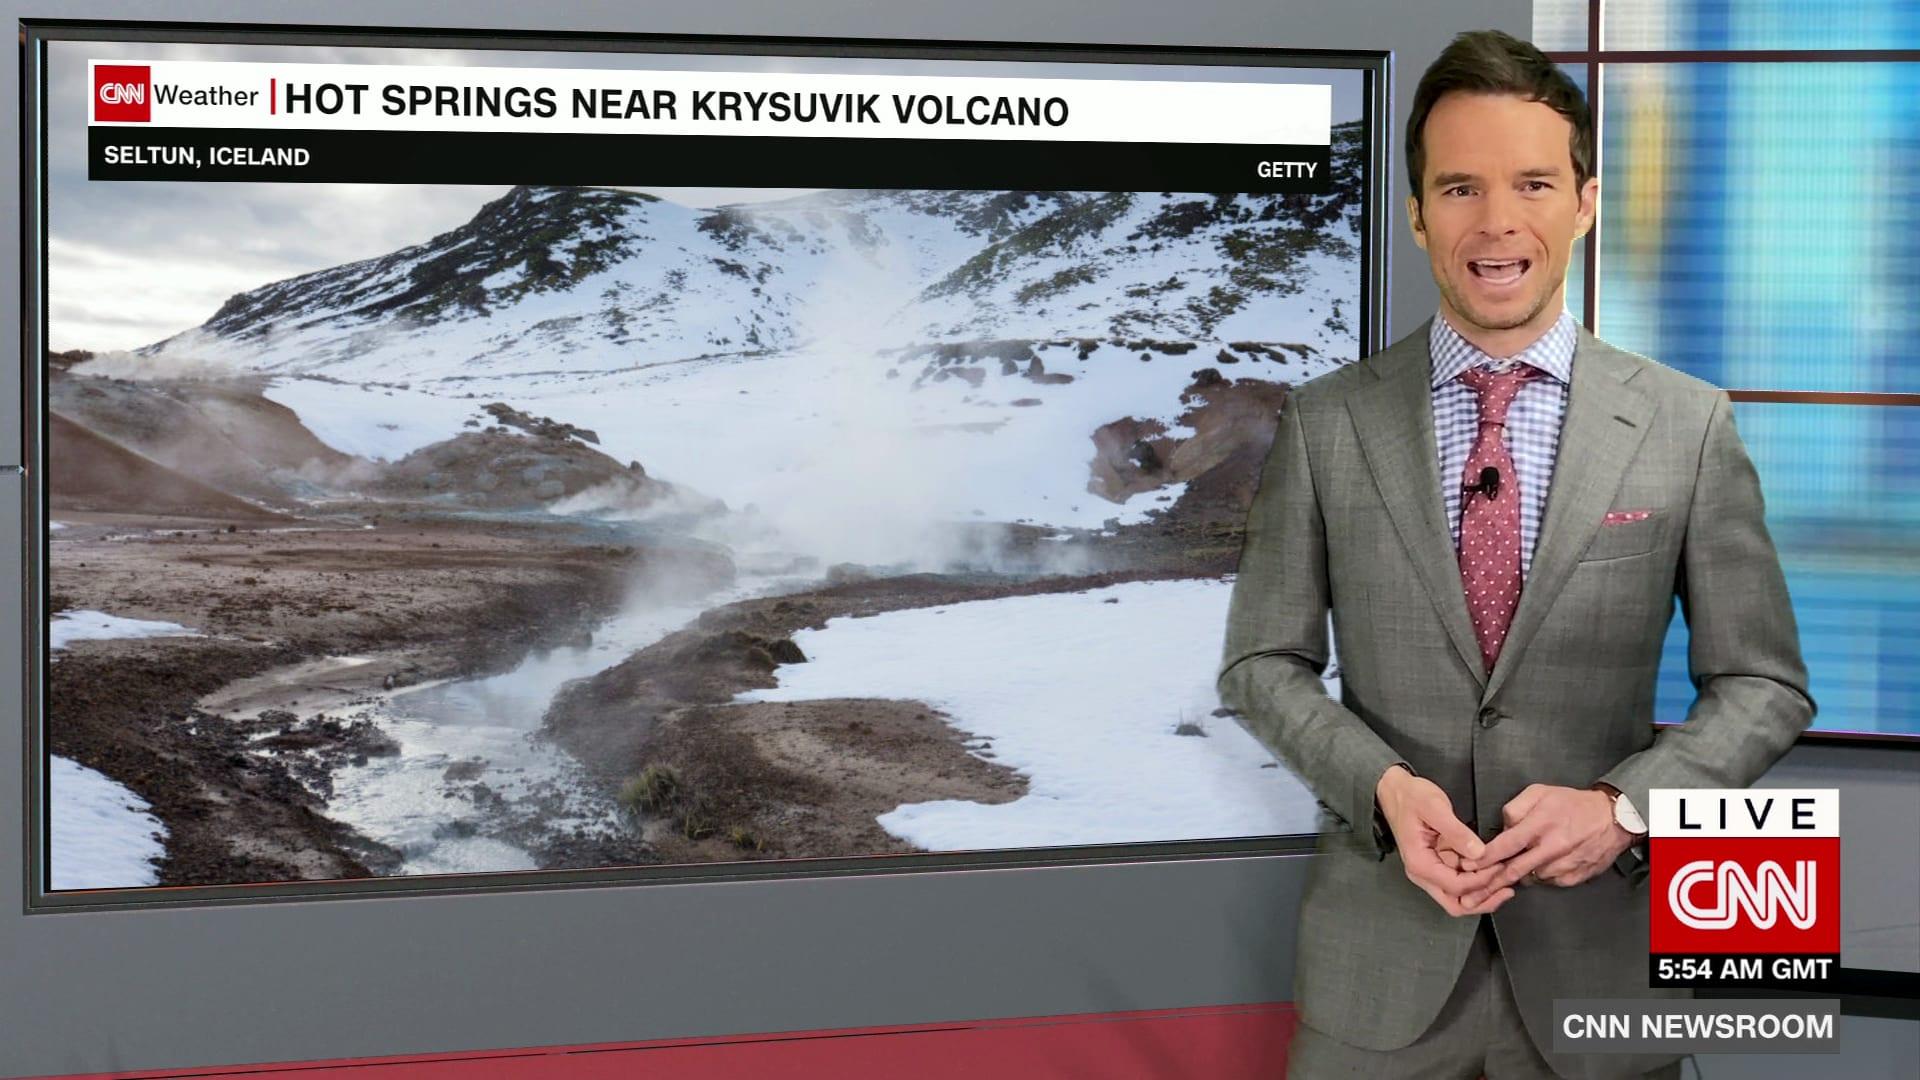 آيسلندا تشهد 17 ألف زلزال في أسبوع واحد.. ومخاوف من ثوران بركاني